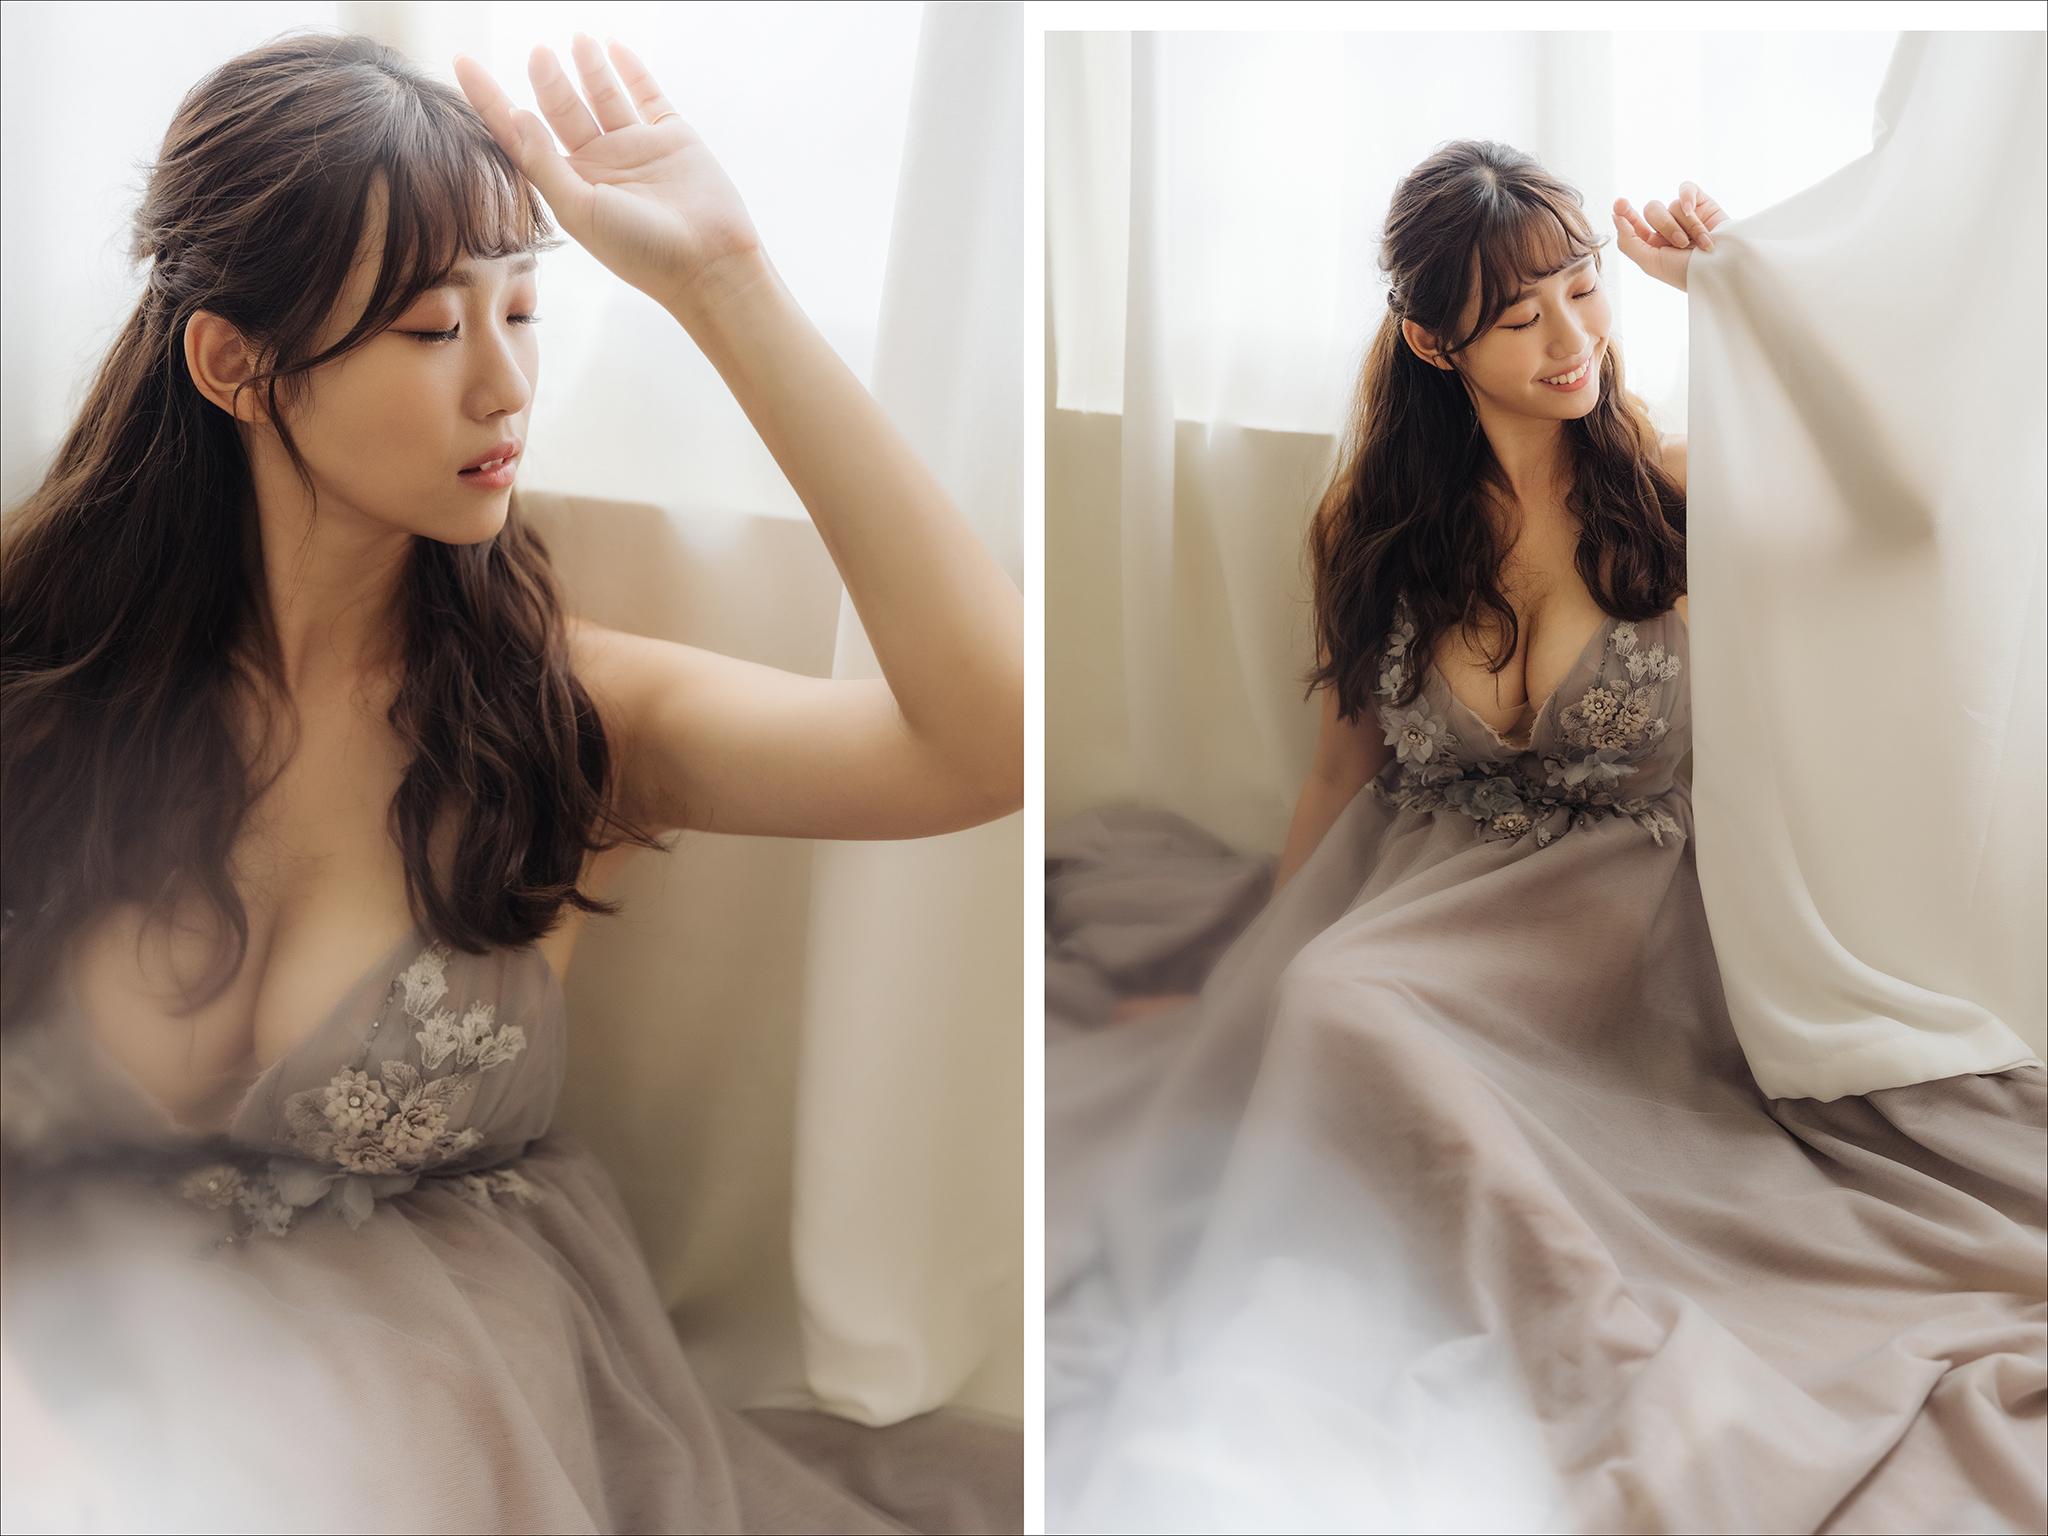 51577690348 e78e499c09 o - 【自主婚紗】+江jiang+